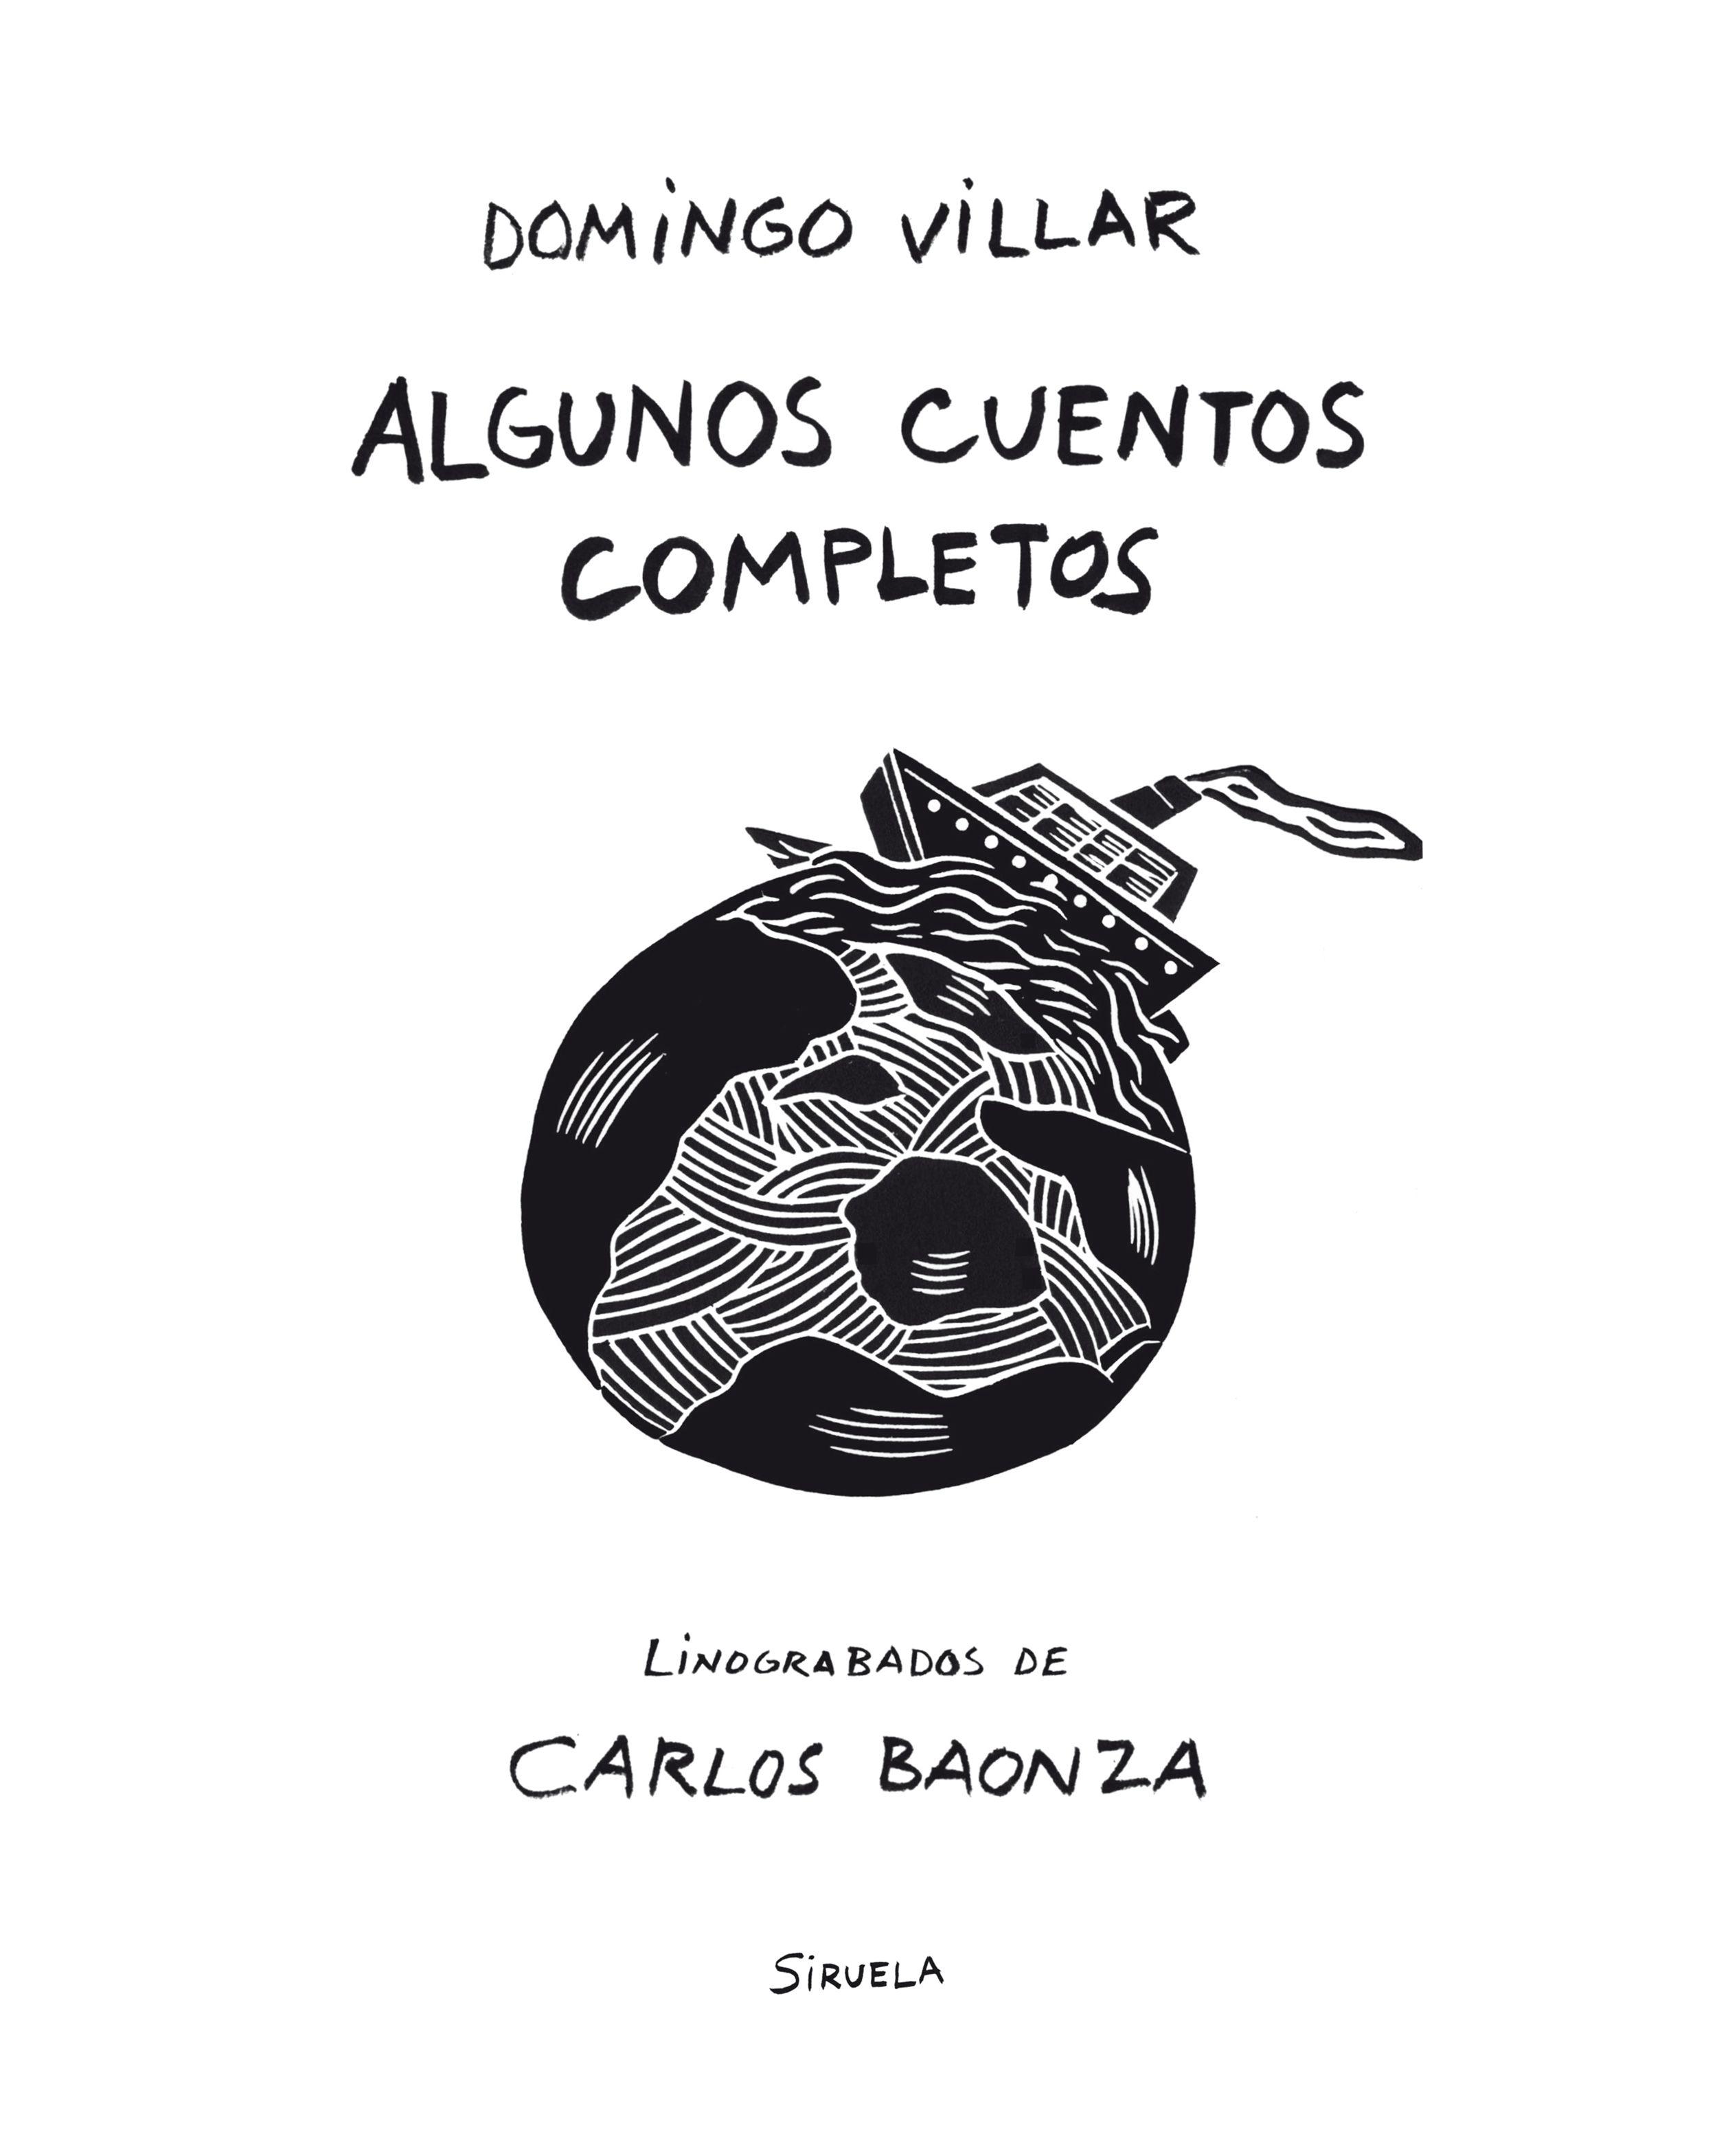 """Domingo Villar """"Algunos cuentos completos"""" PRESENTACIÓN"""